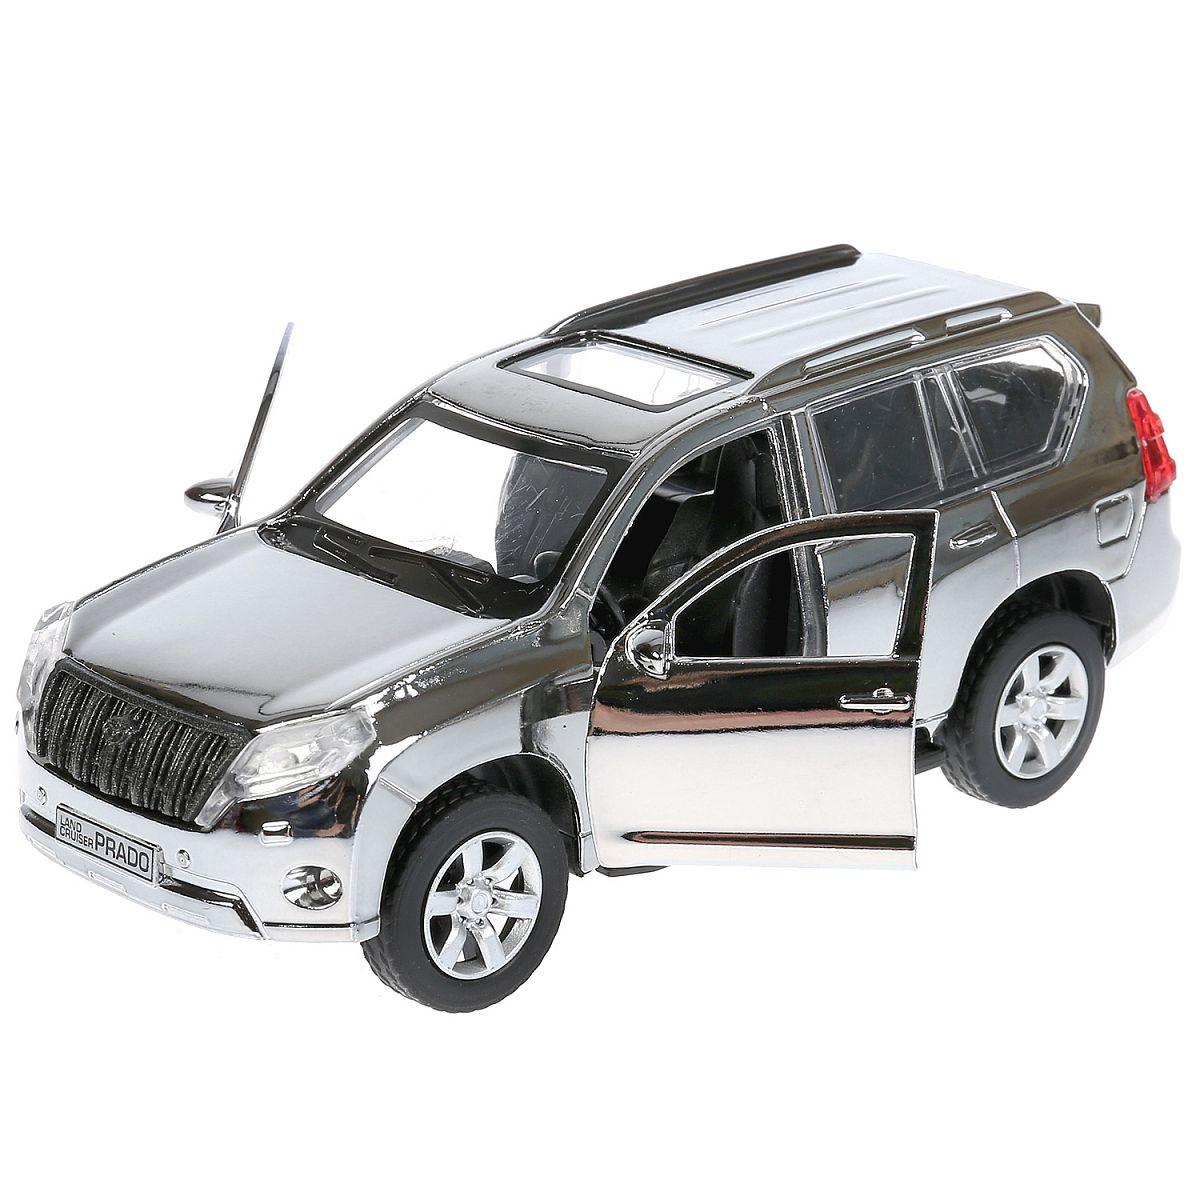 764bd3cbc865 Машина Технопарк Toyota Prado хром - купить в Москве: цены в интернет- магазине Кораблик